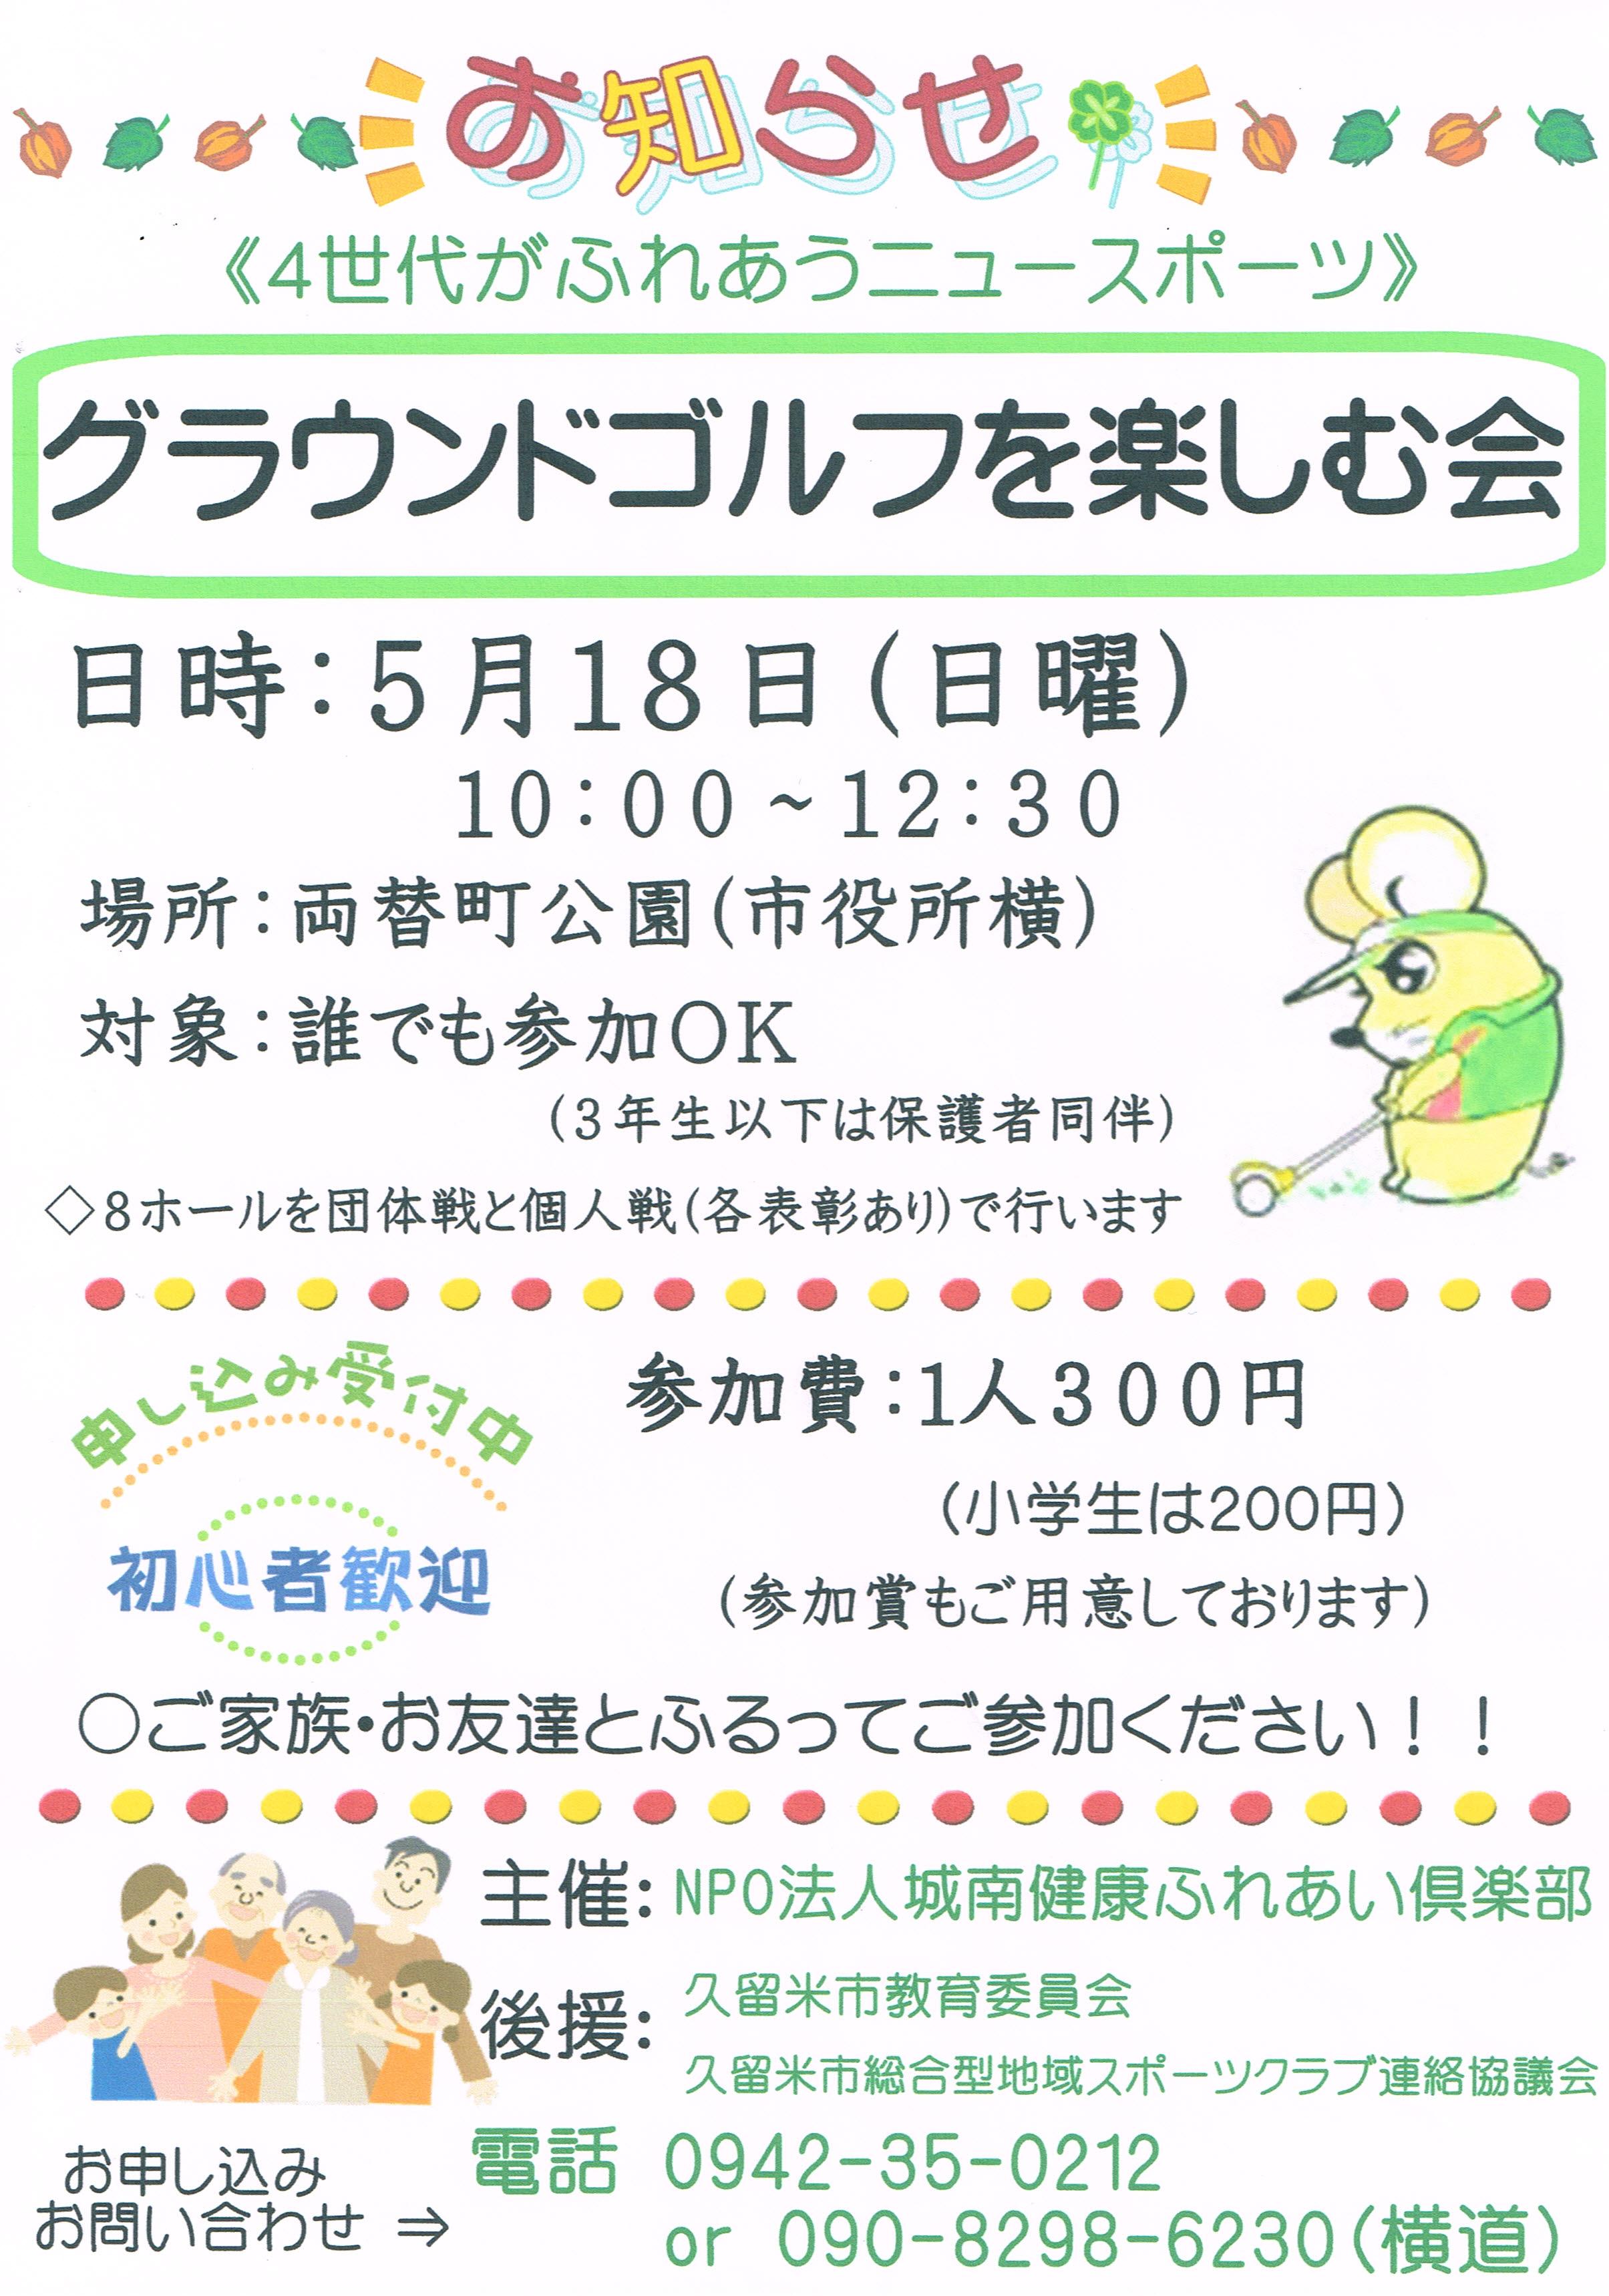 グランドゴルフ(5月18日)